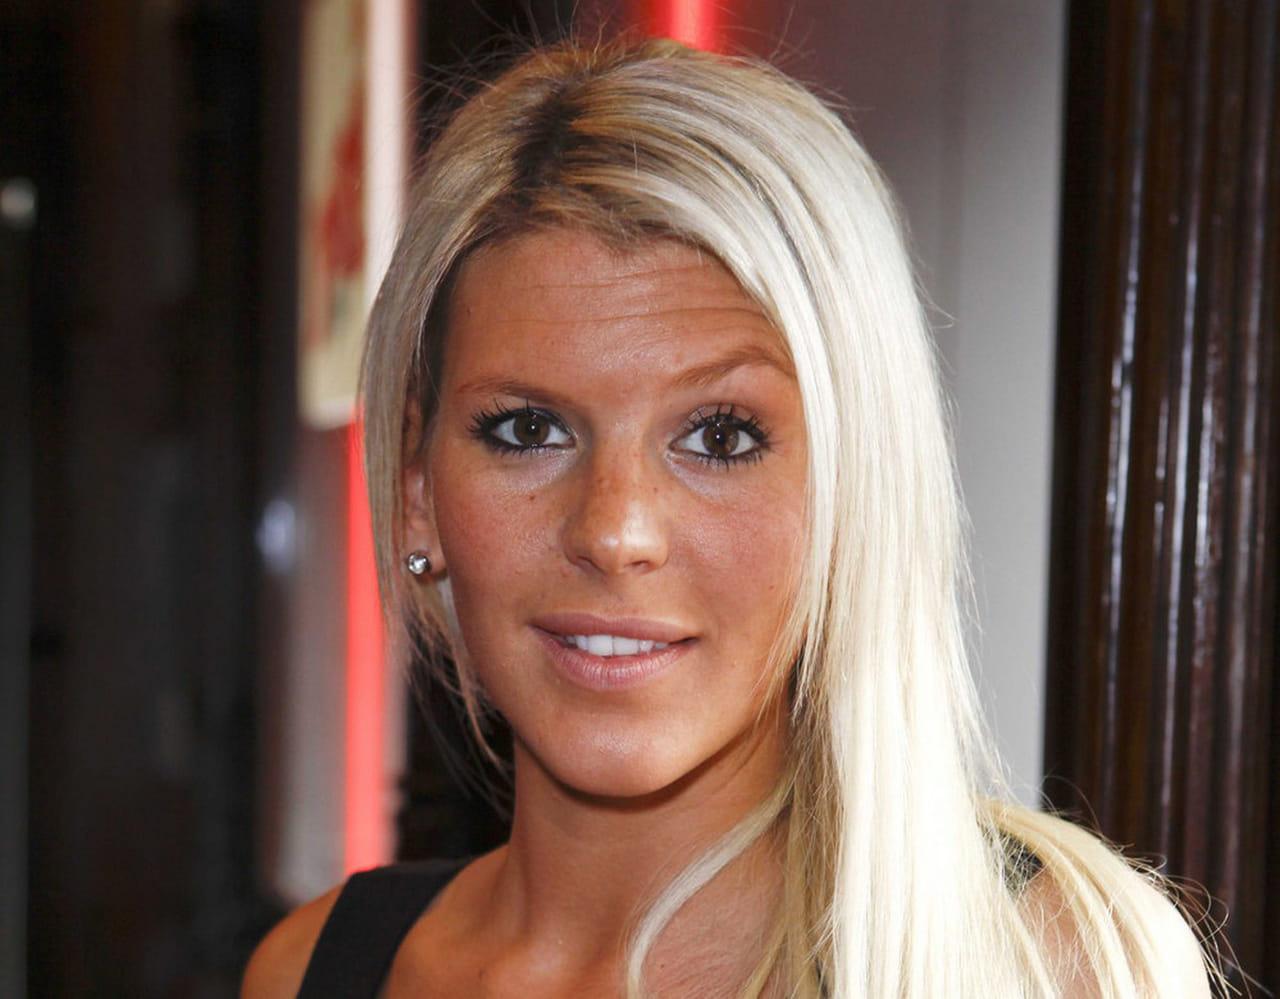 Am lie neten abandonne les cheveux blonds platine for Coupe avec cheveux en arriere site m jeuxvideo com